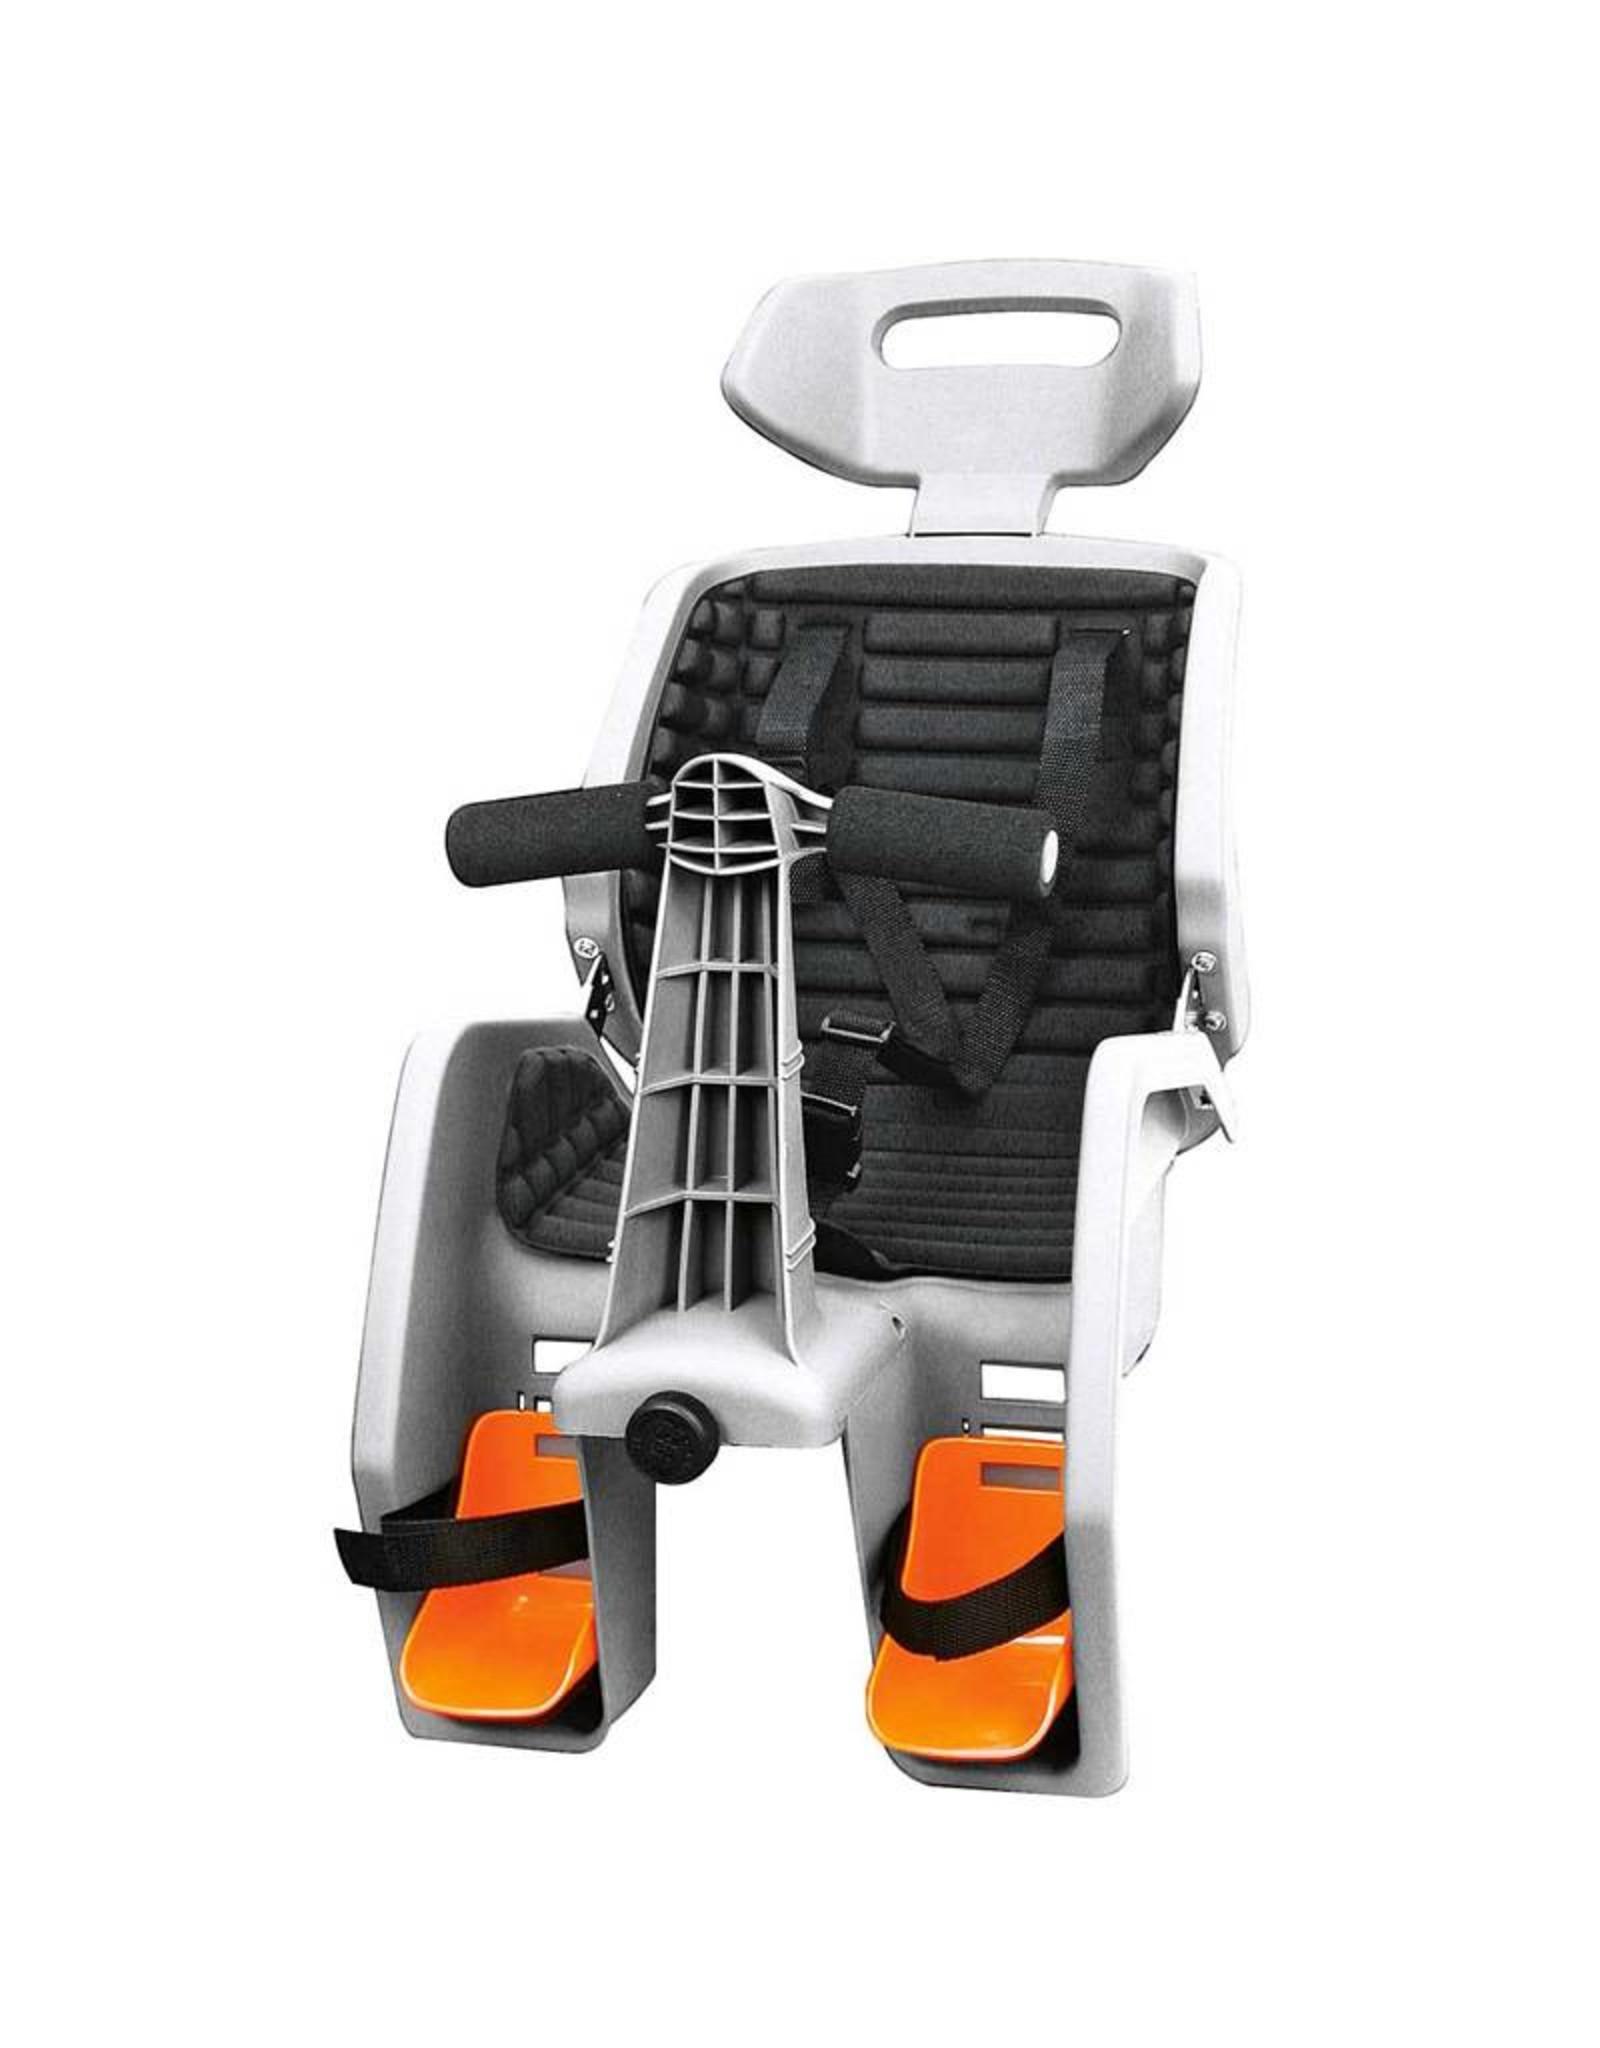 Beto Standard DELUXE baby seat